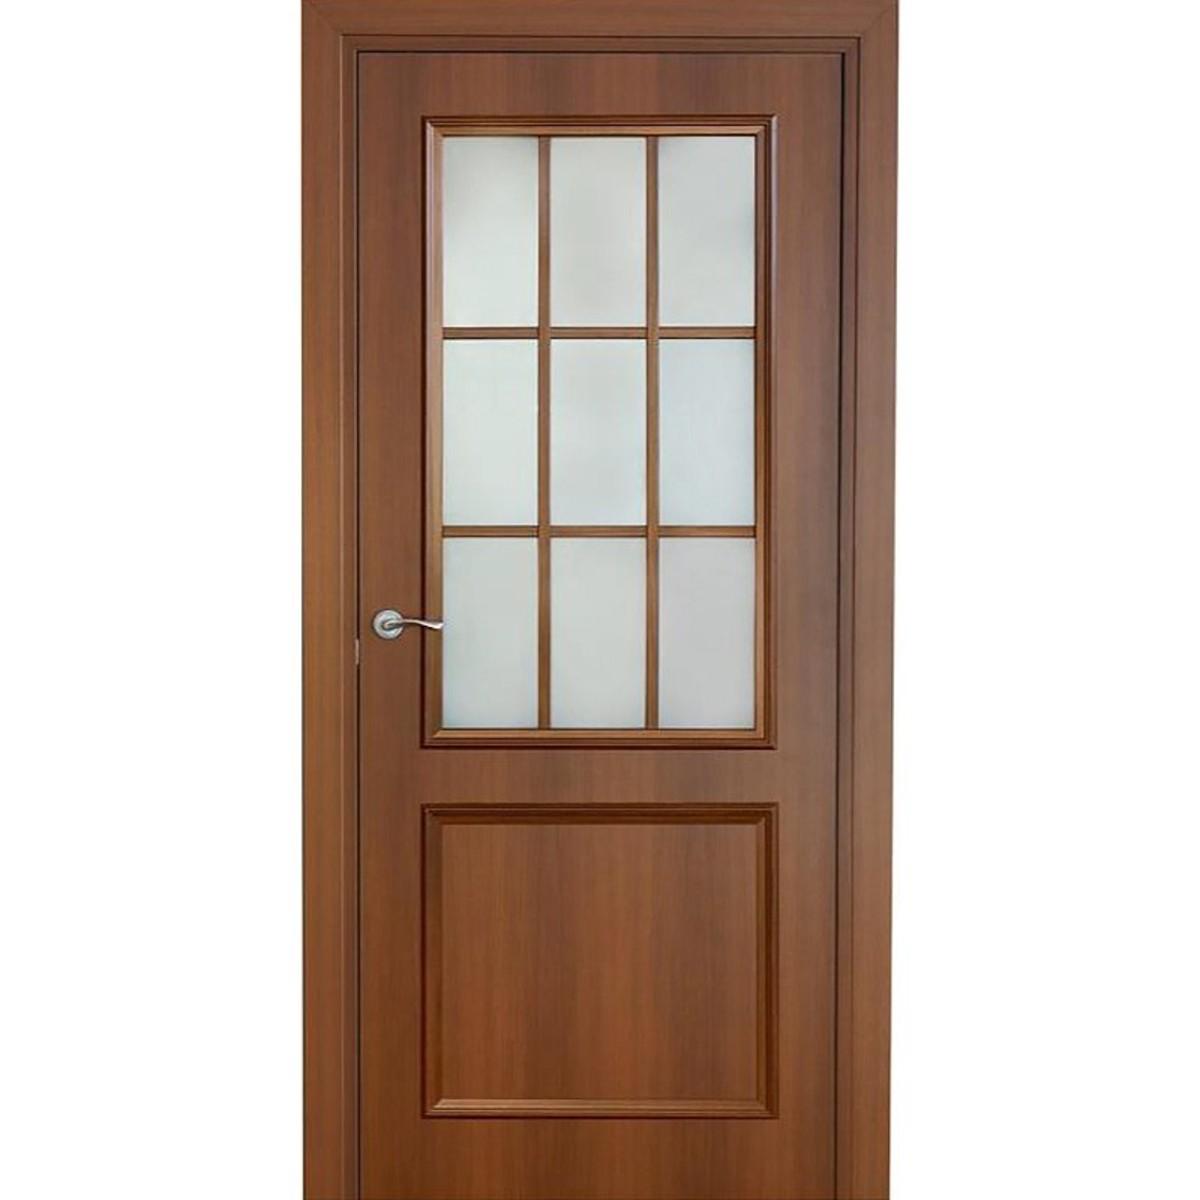 Дверь межкомнатная остеклённая Altro 90x200 см ламинация цвет орех